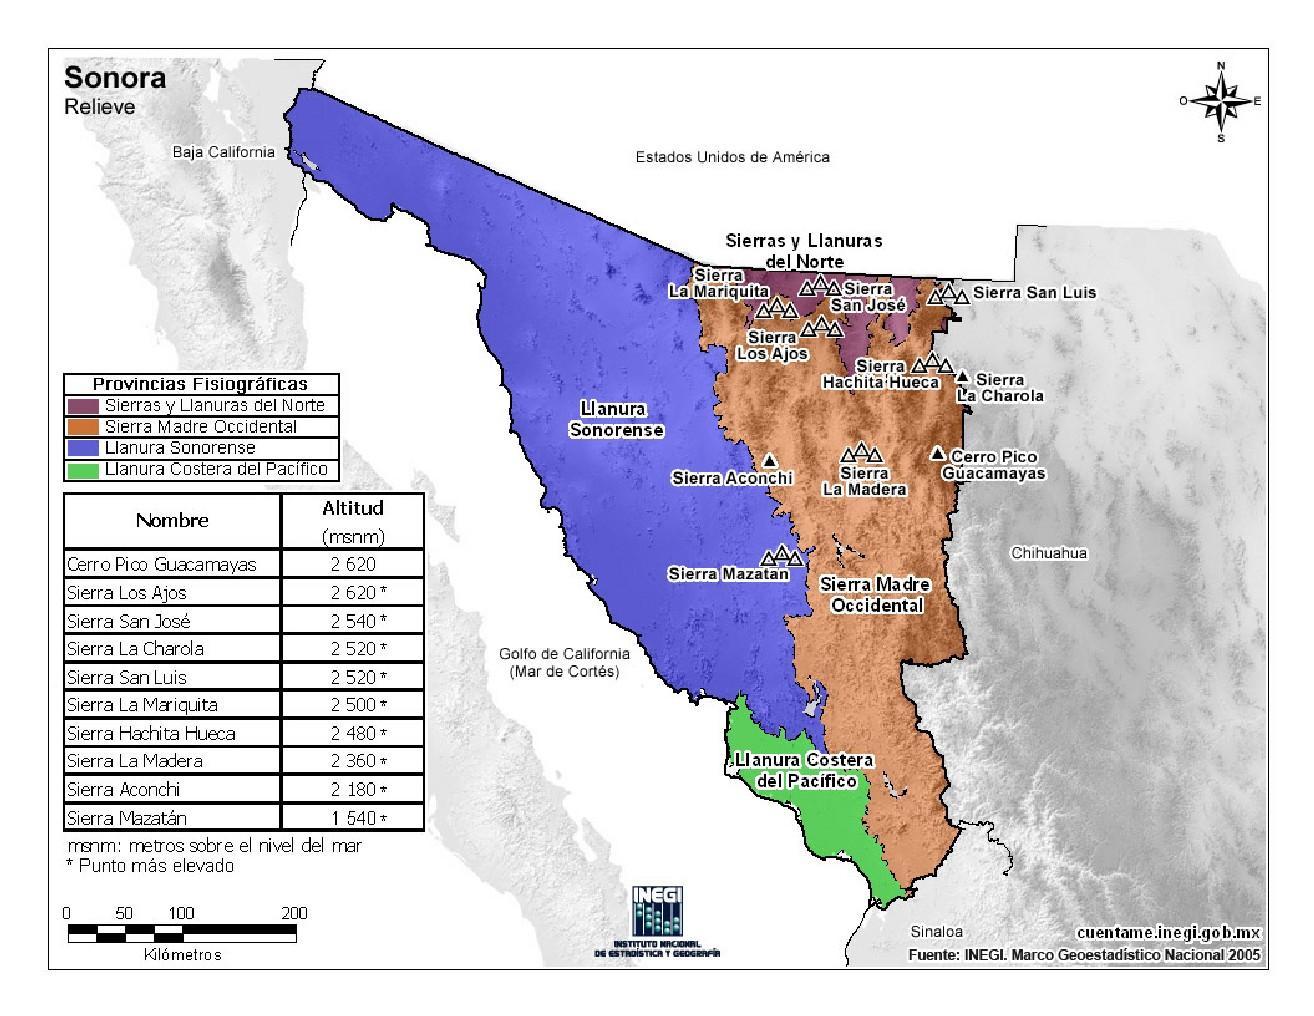 Mapa en color de montañas de Sonora. INEGI de México